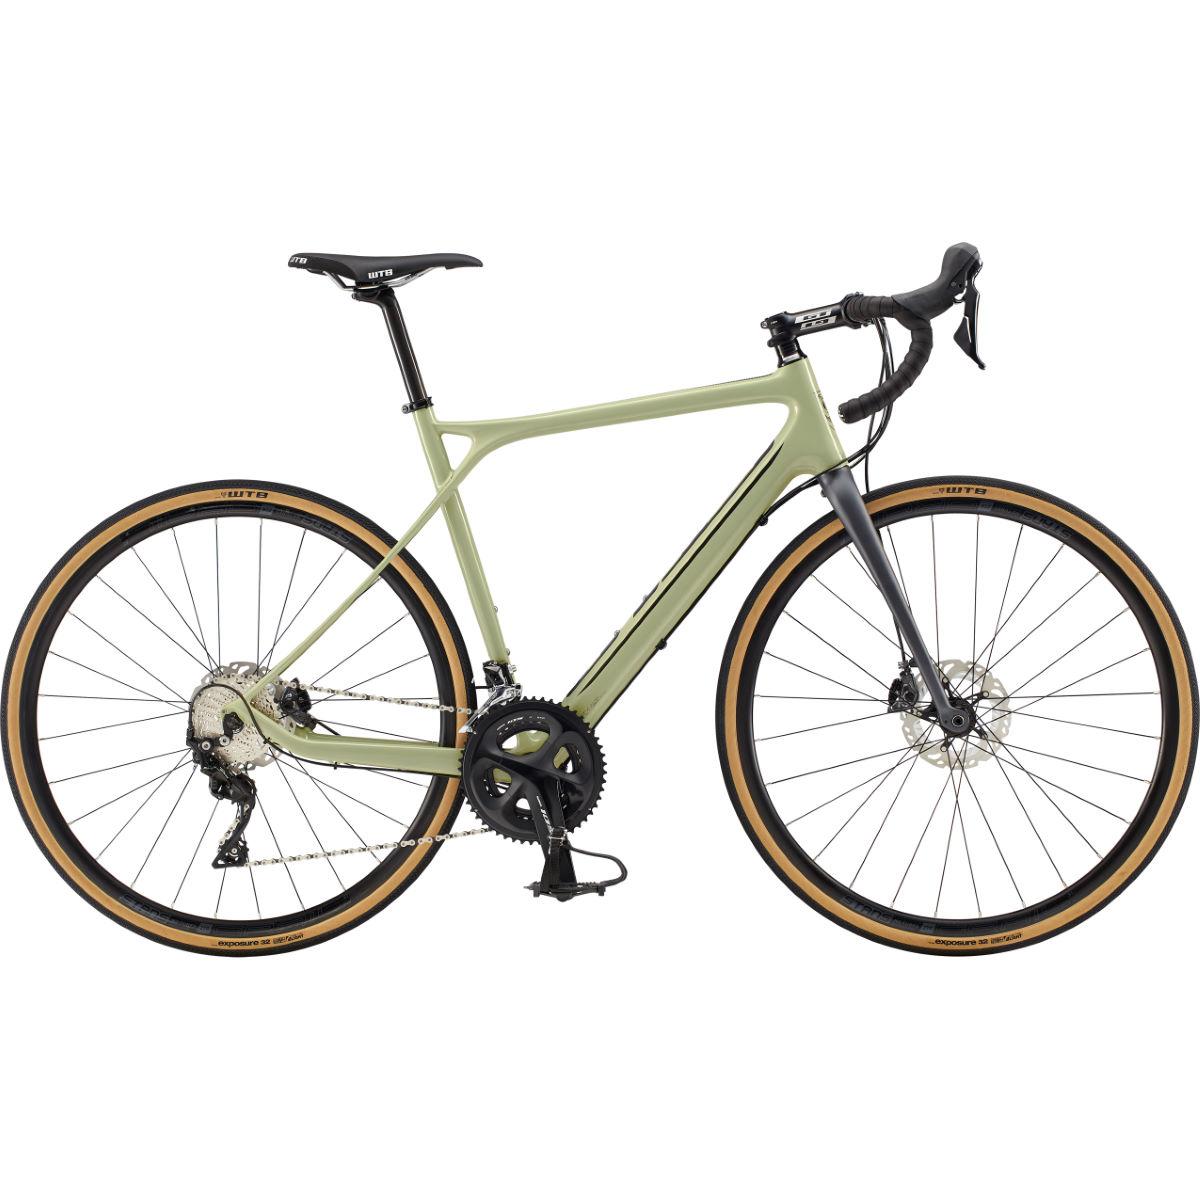 GT Grade Carbon Expert 2019 Bikes